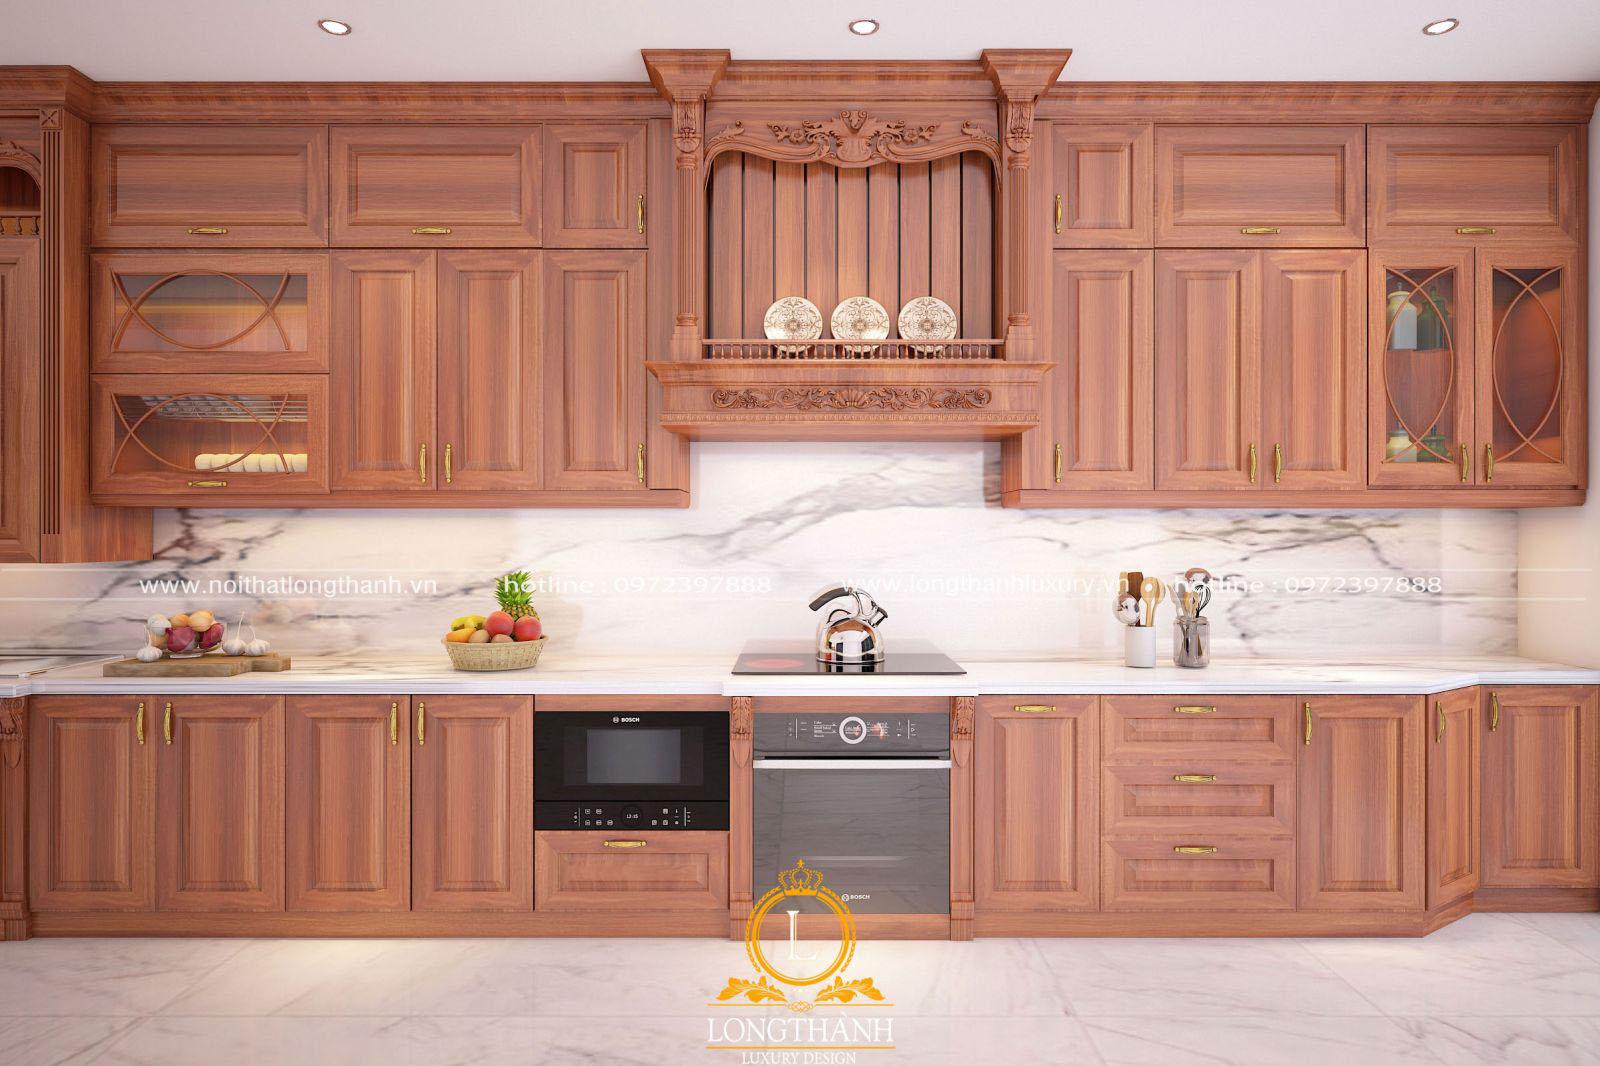 Tổng thể tủ bếp được thiết kế hợp lý phục vụ cho việc nấu ăn của gia chủ